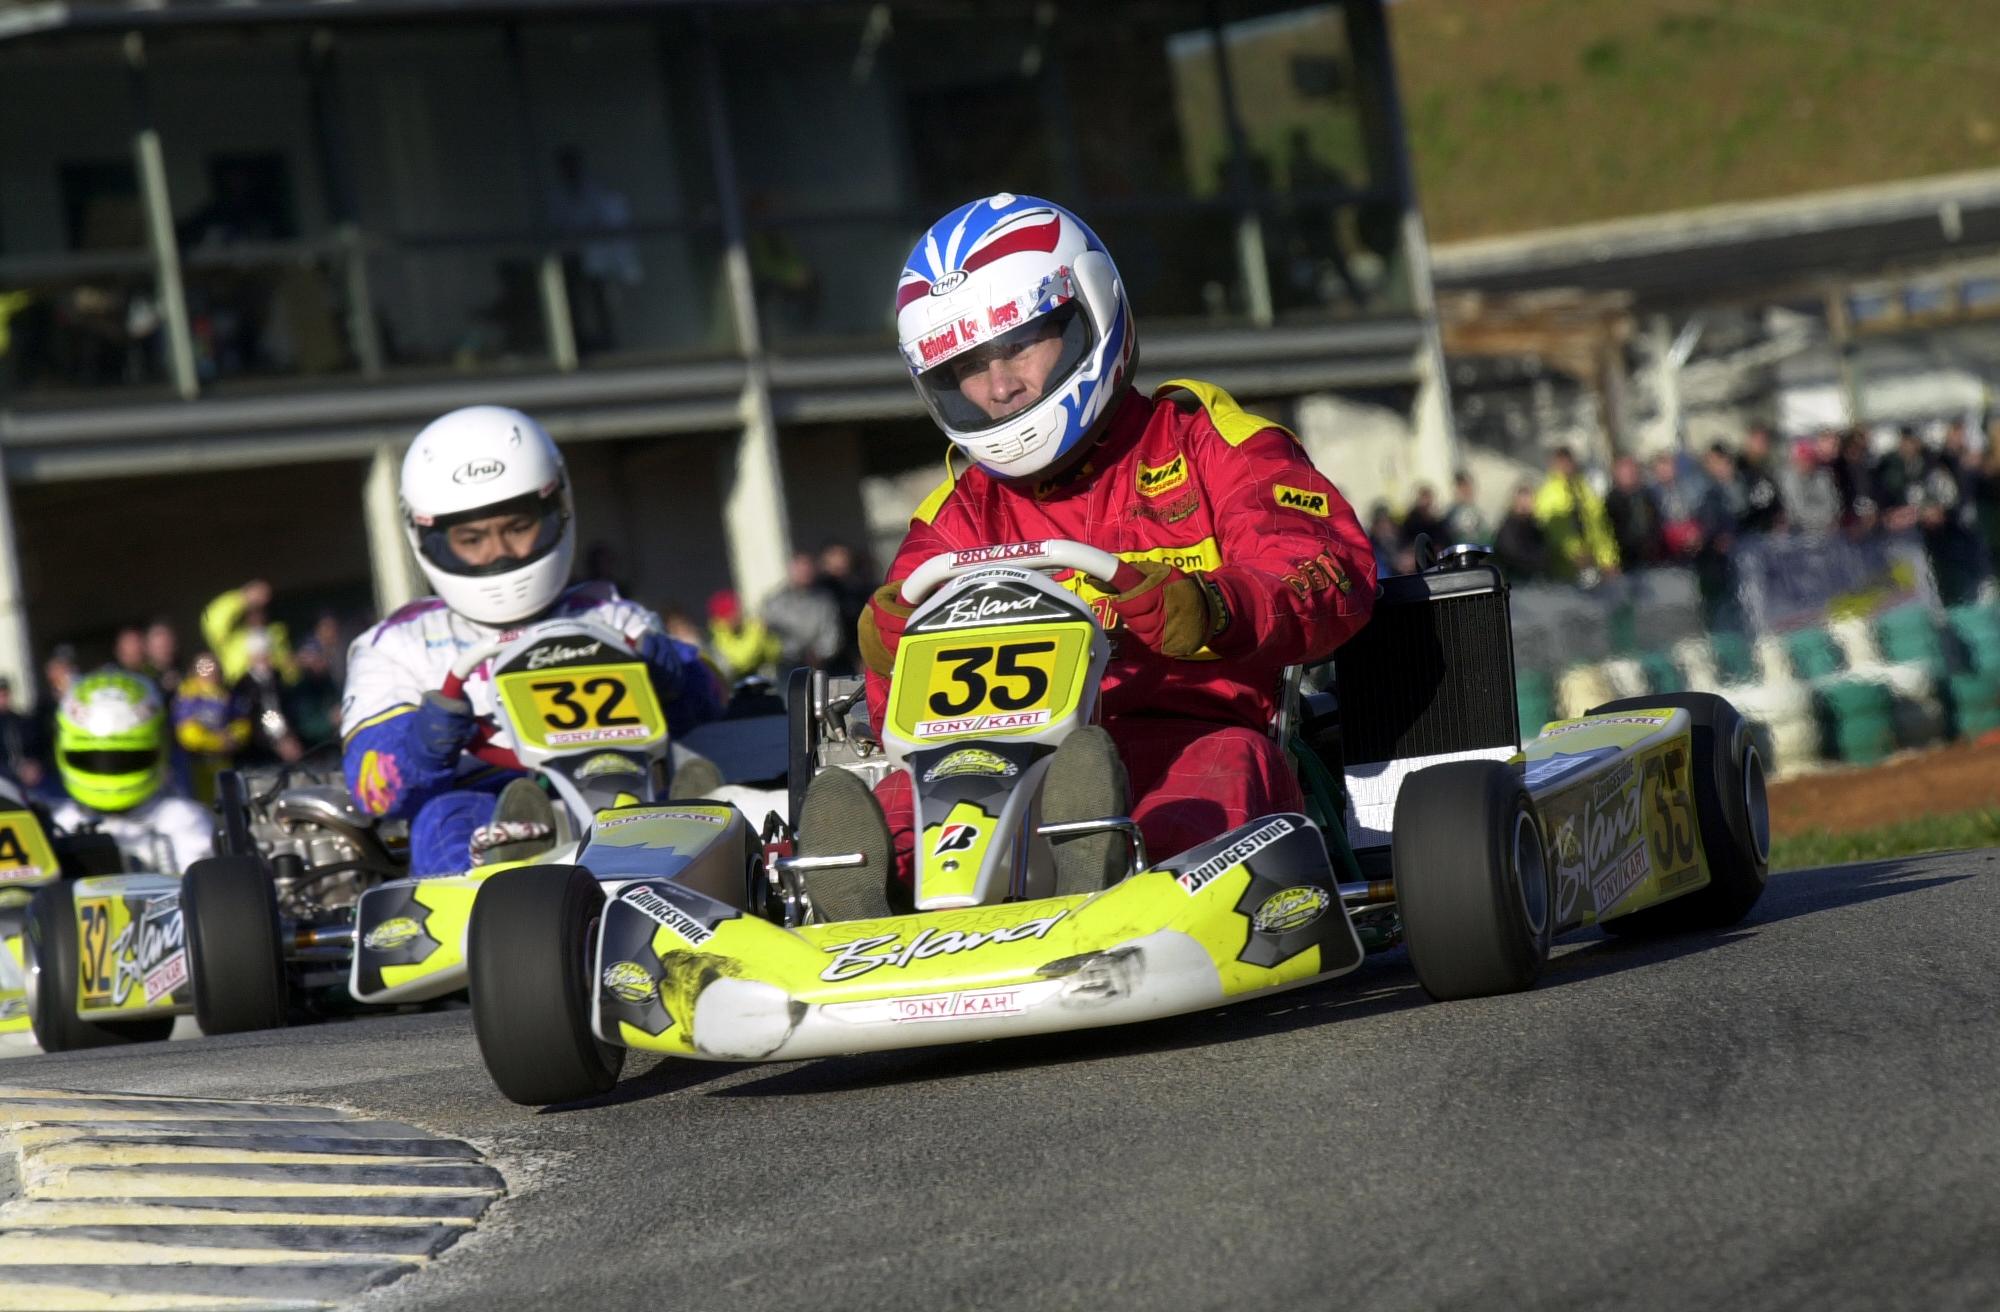 Robert Bedard racing in his kart